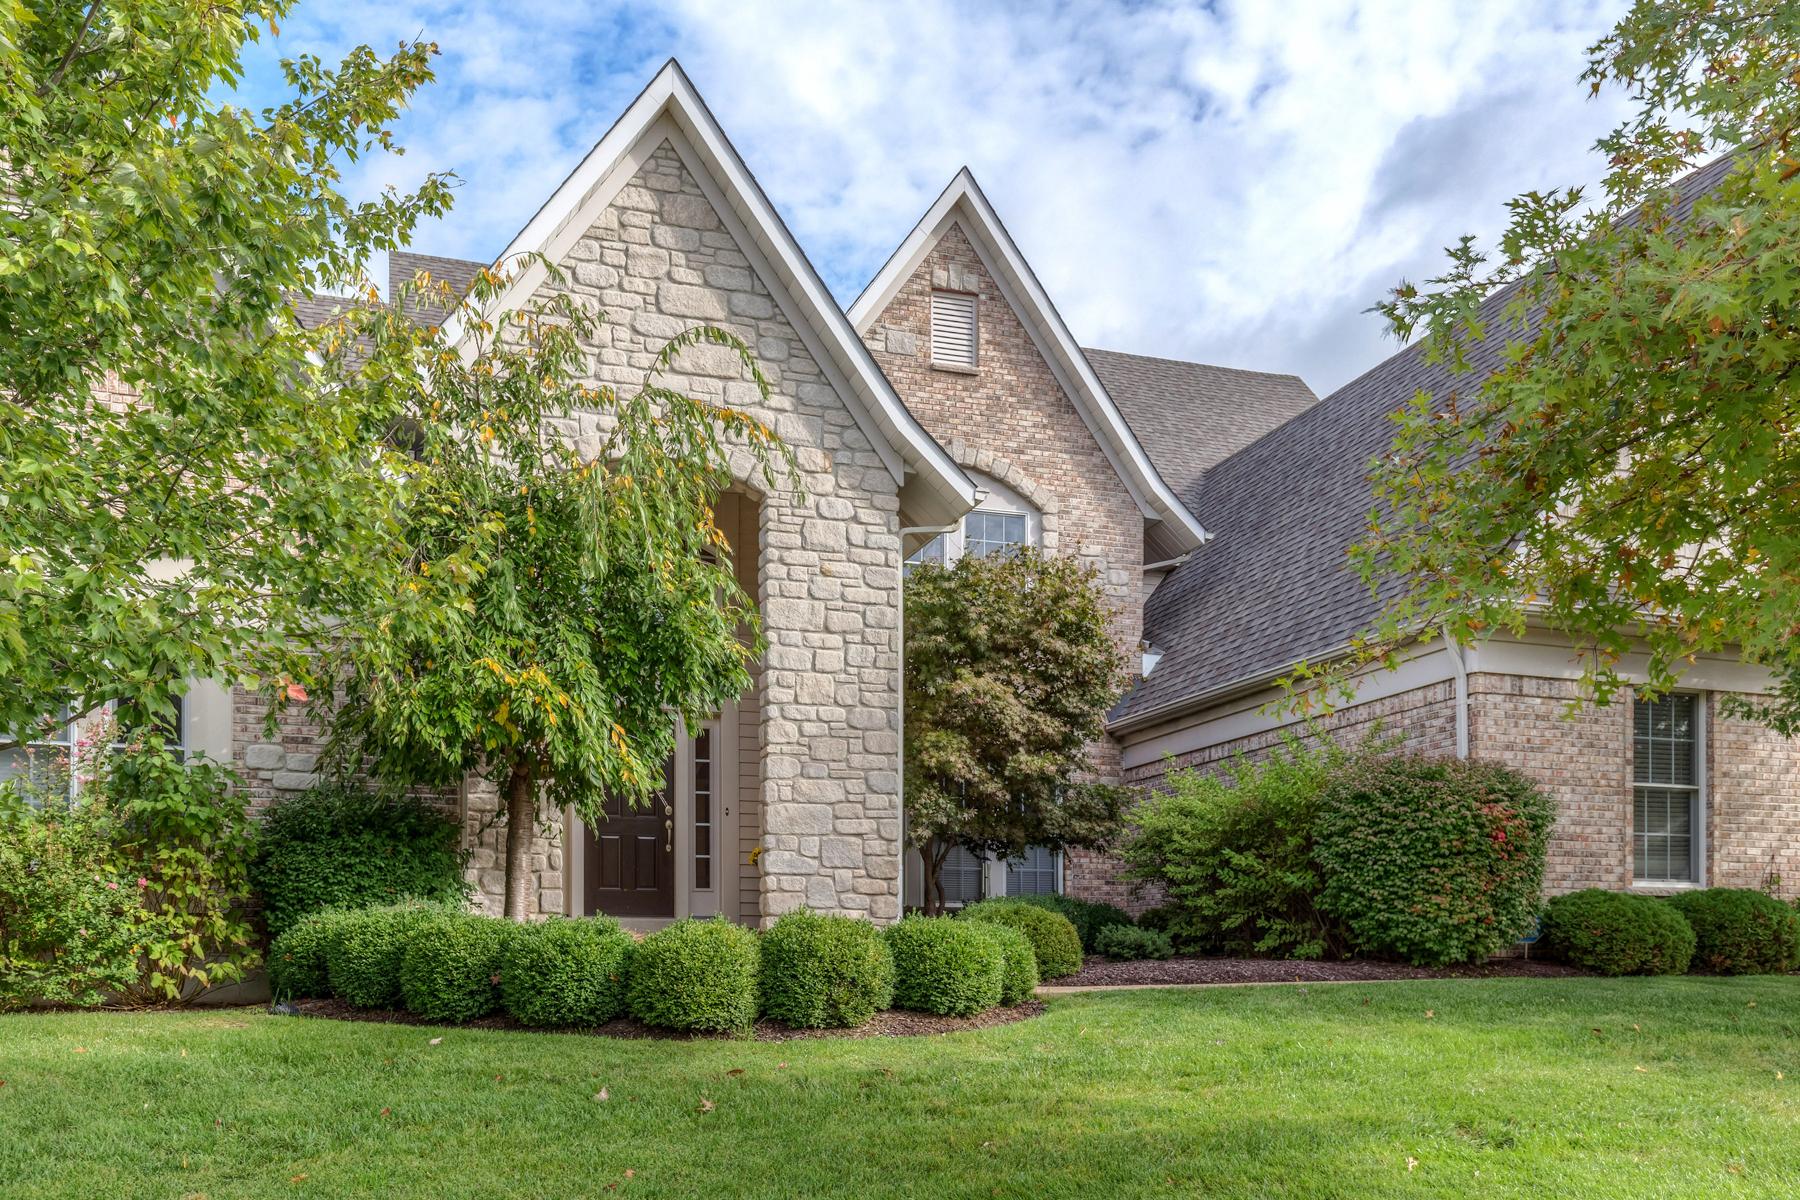 Maison unifamiliale pour l Vente à 2702 Wynncrest Manor 2702 Wynncrest Manor Dr Chesterfield, Missouri, 63005 États-Unis